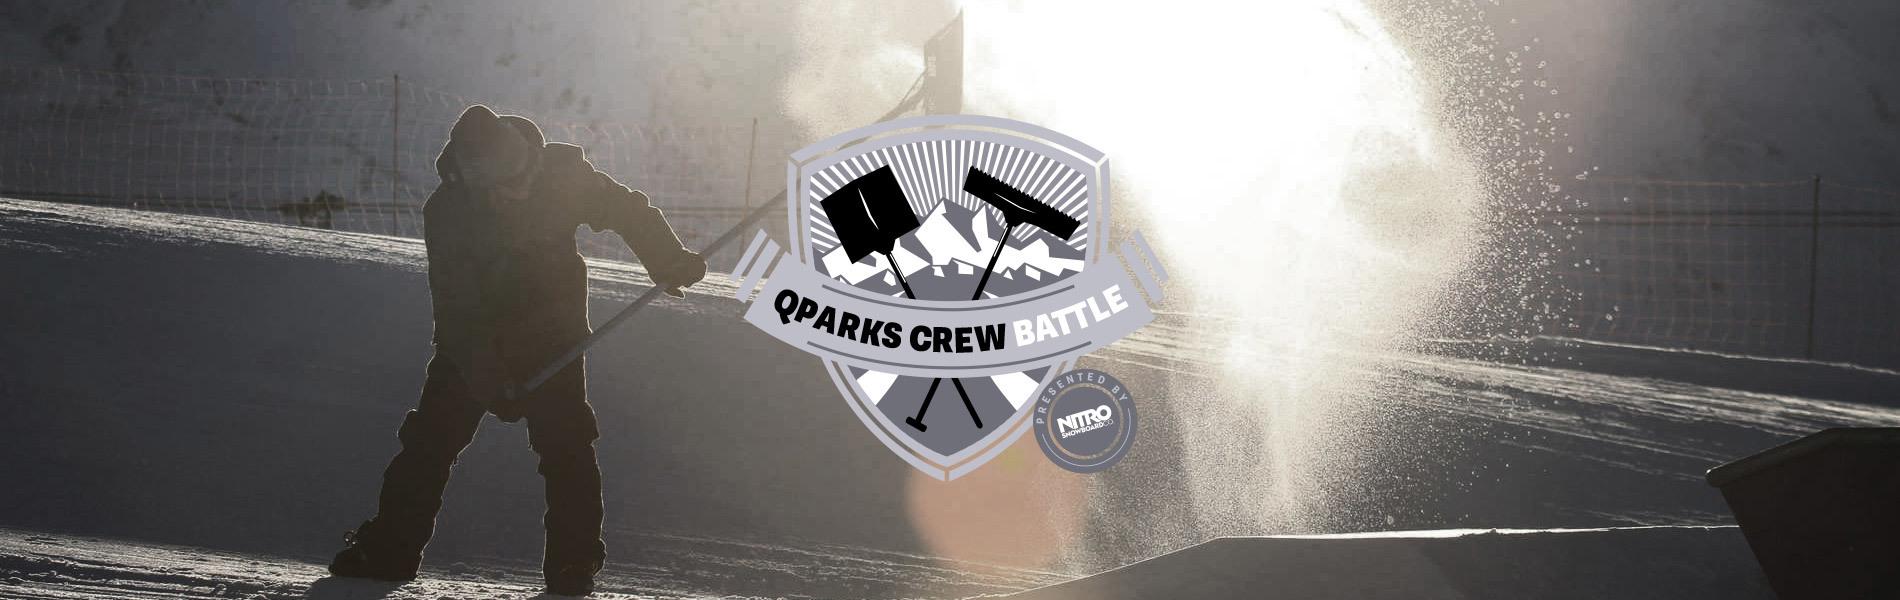 QParks Crew Battle presented by NITRO – Wir benötigen euren SUPPORT!